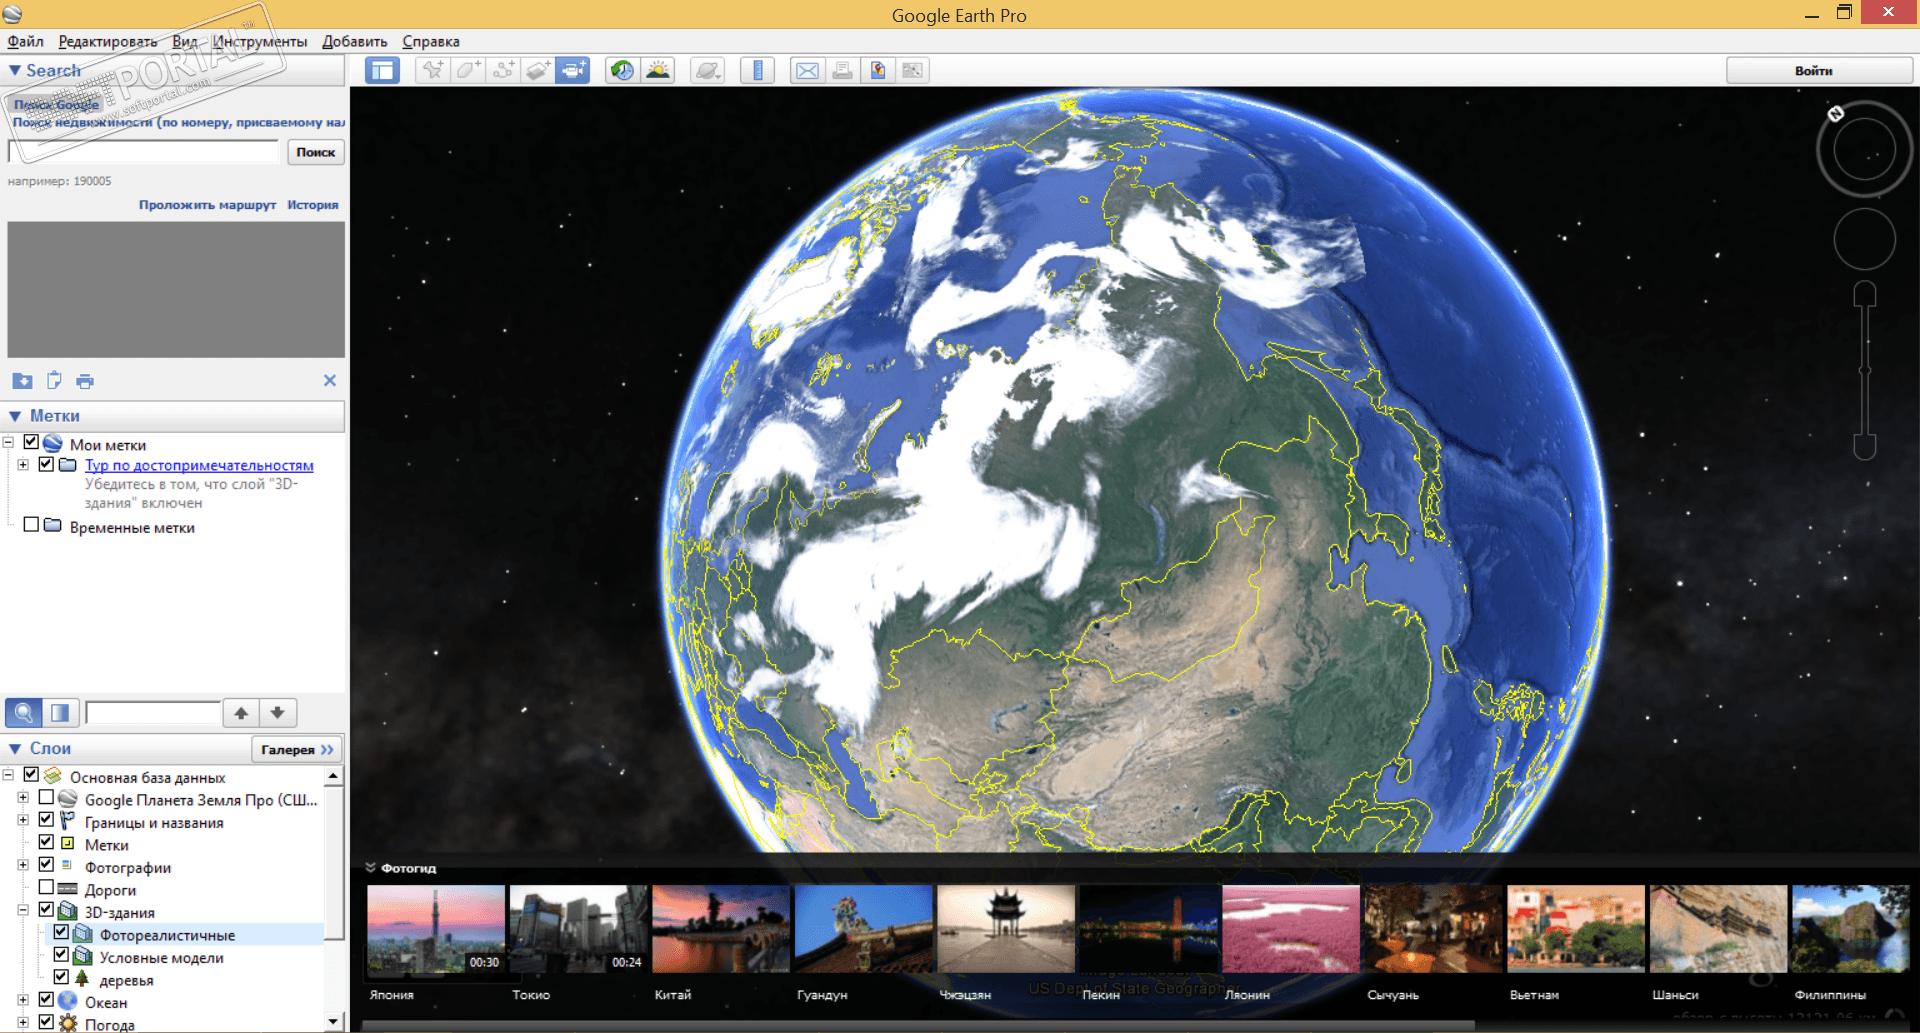 Скачать программу бесплатно google earth мкс программа зубр скачать